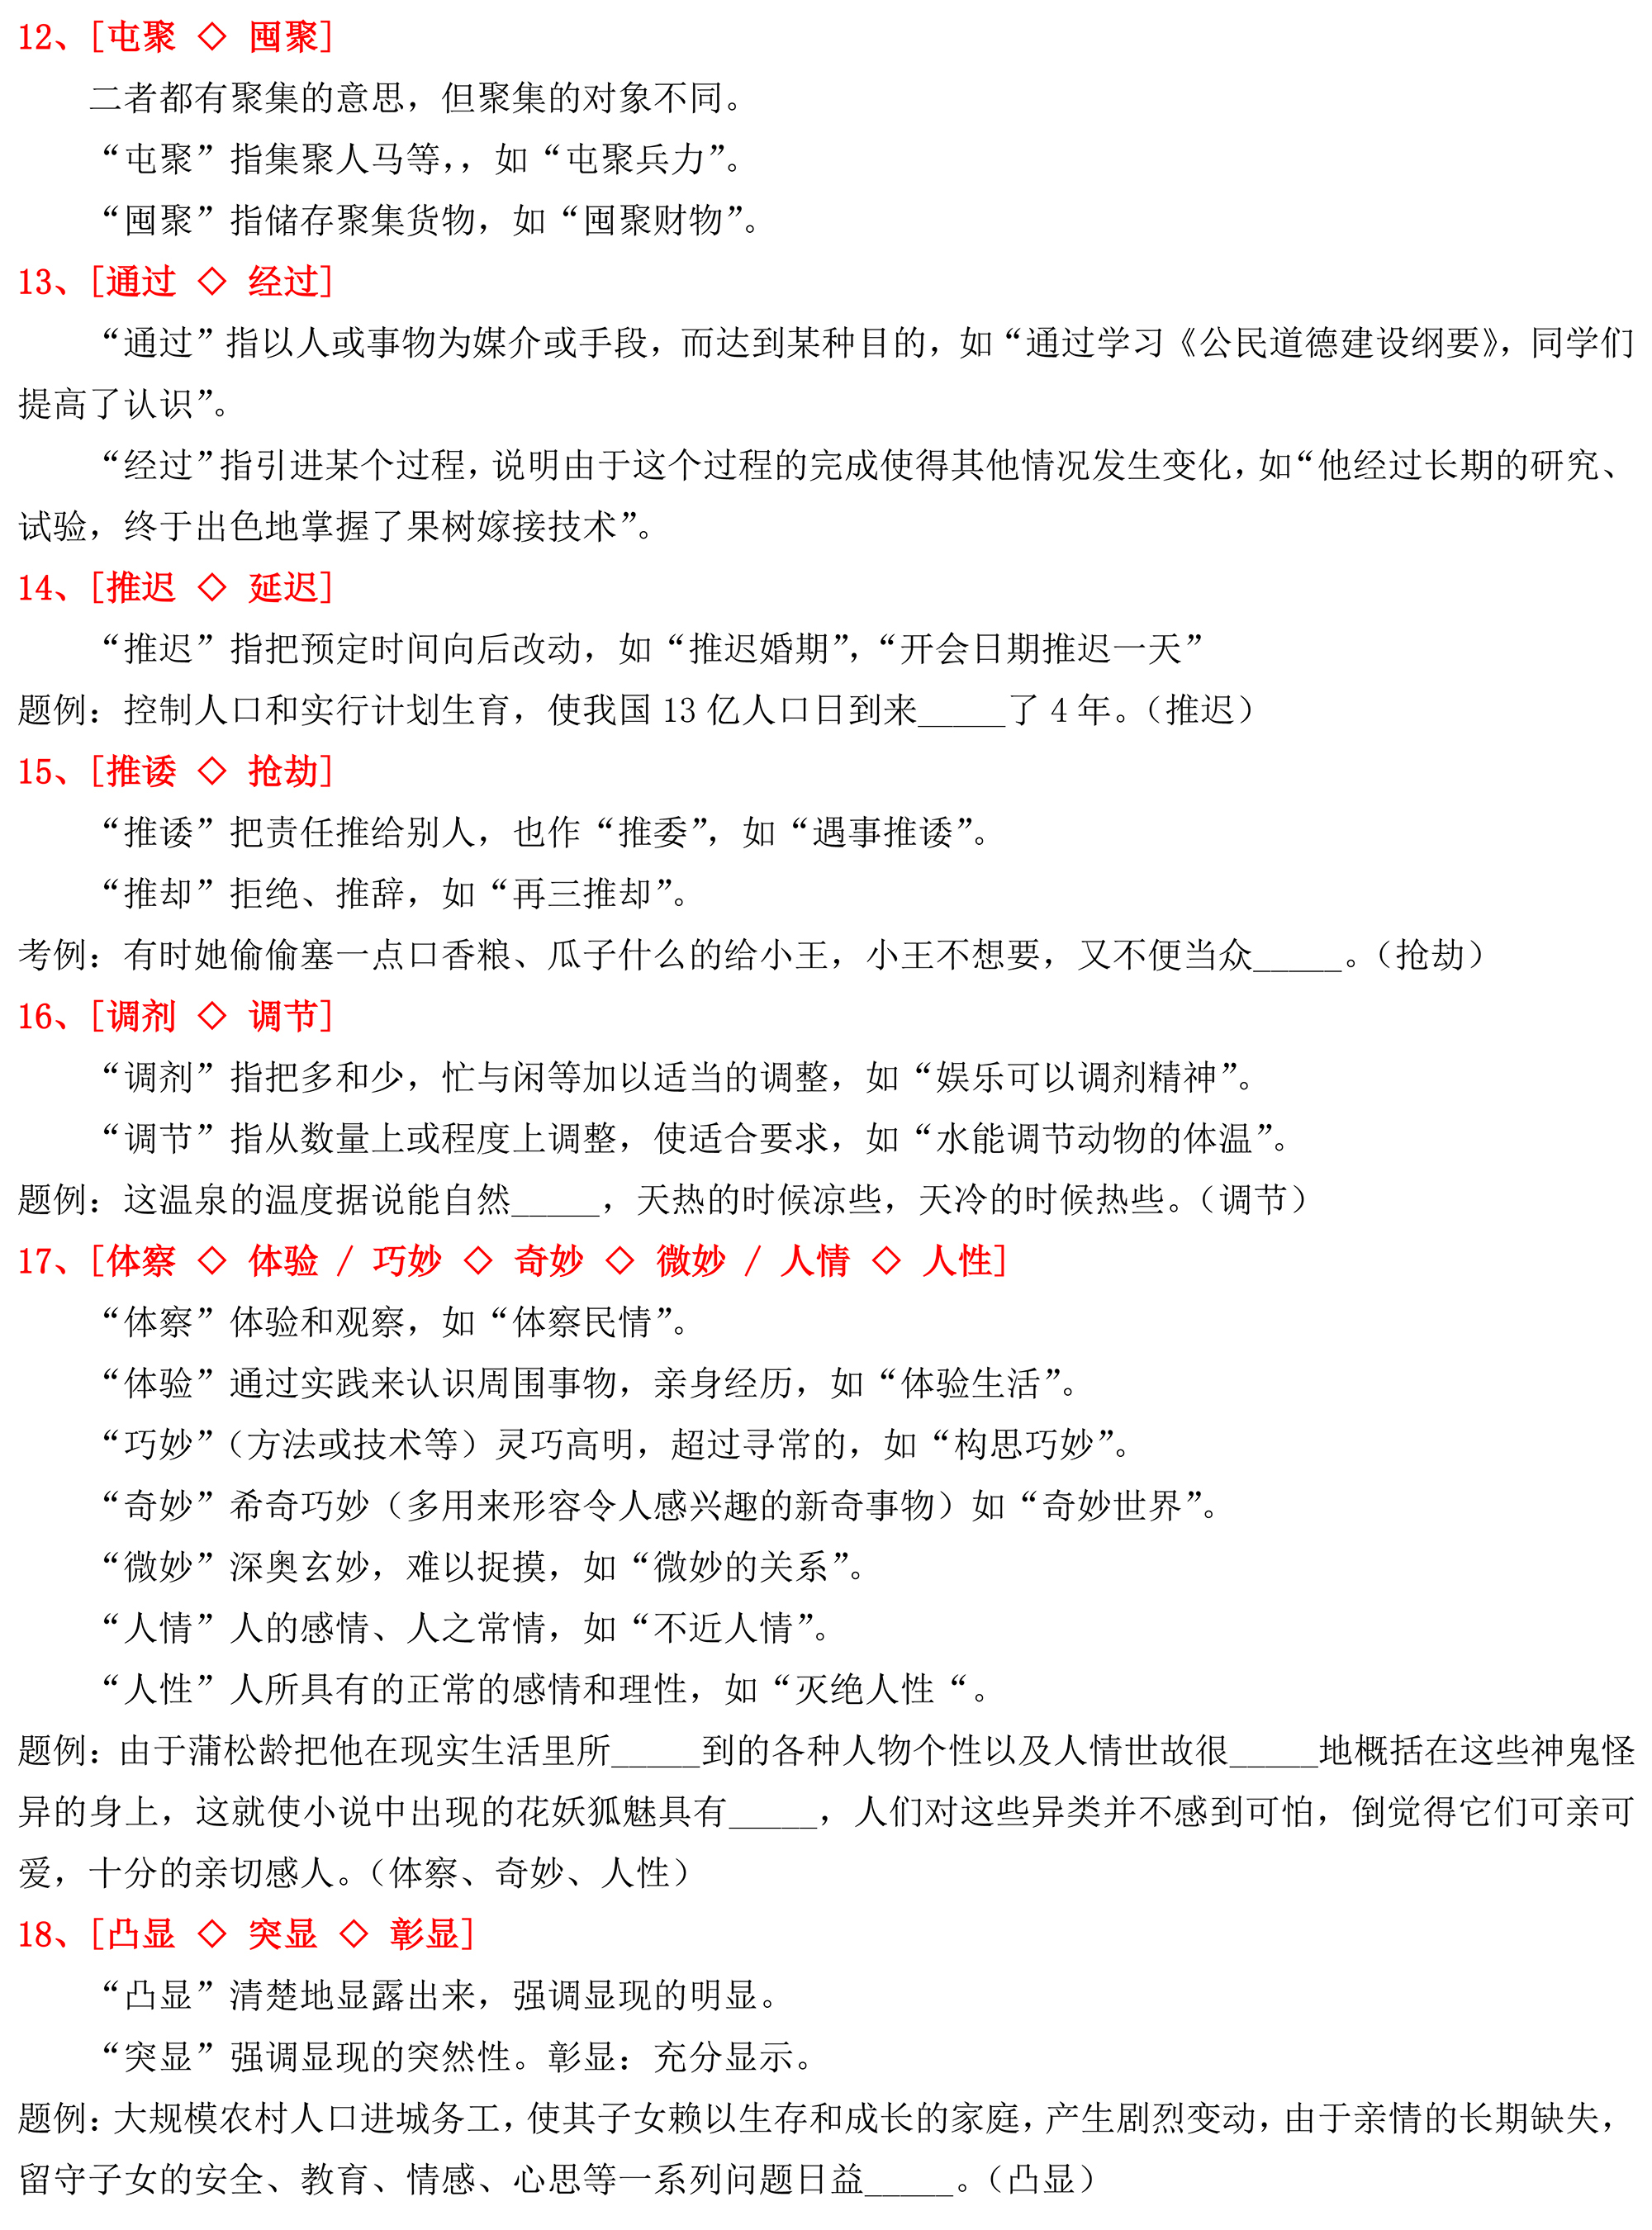 2-3:易混淆辨析 - 实词 - 打印版(O-T)-15.jpg